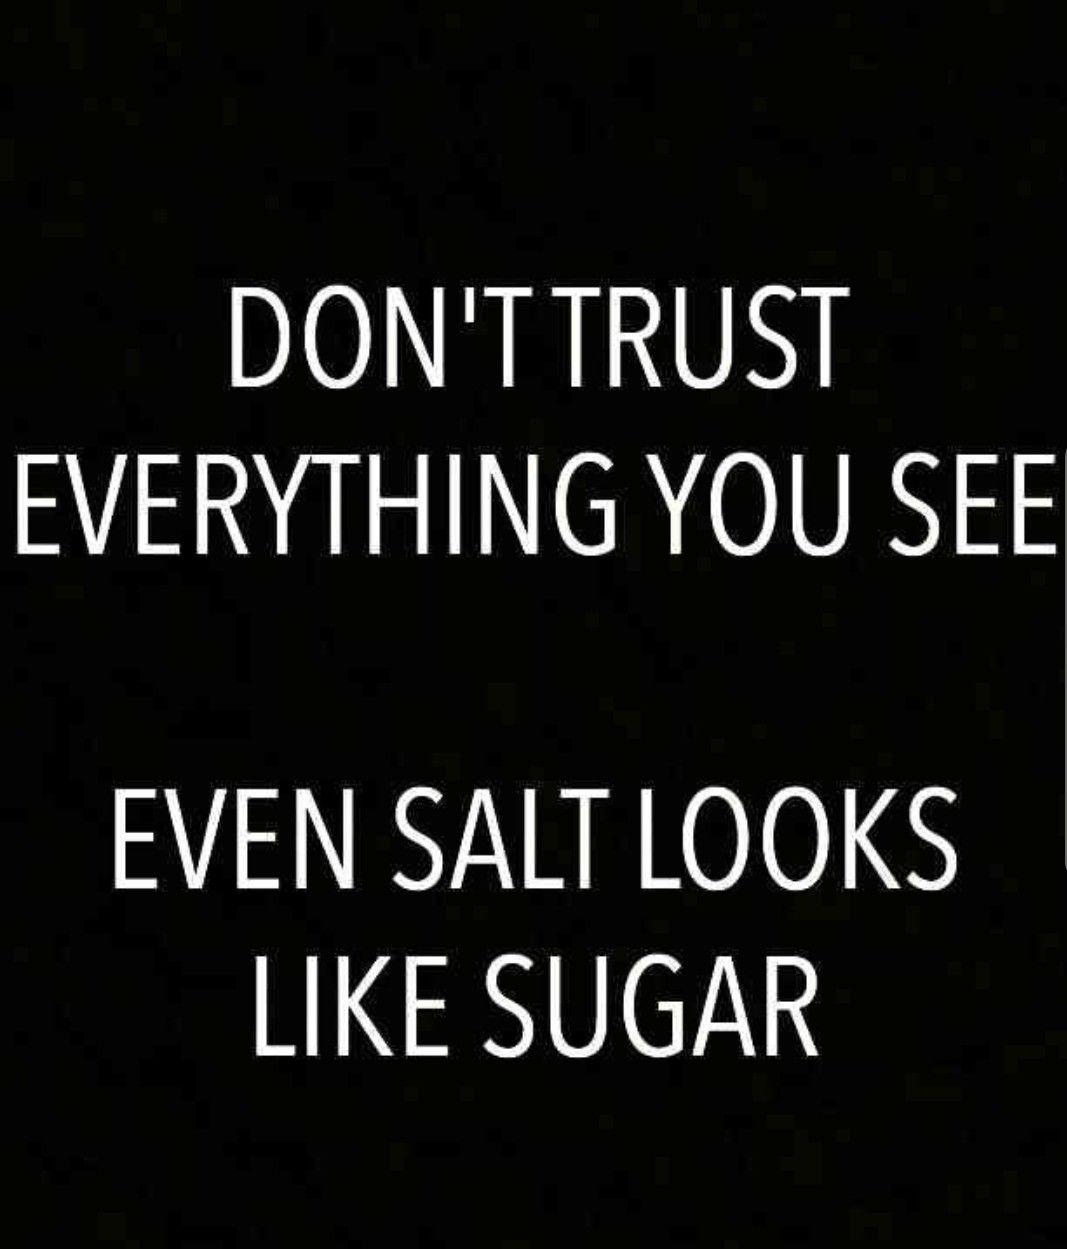 Pin Van Mteresa Op So True Quotes Life Quotes En Inspirational Quotes